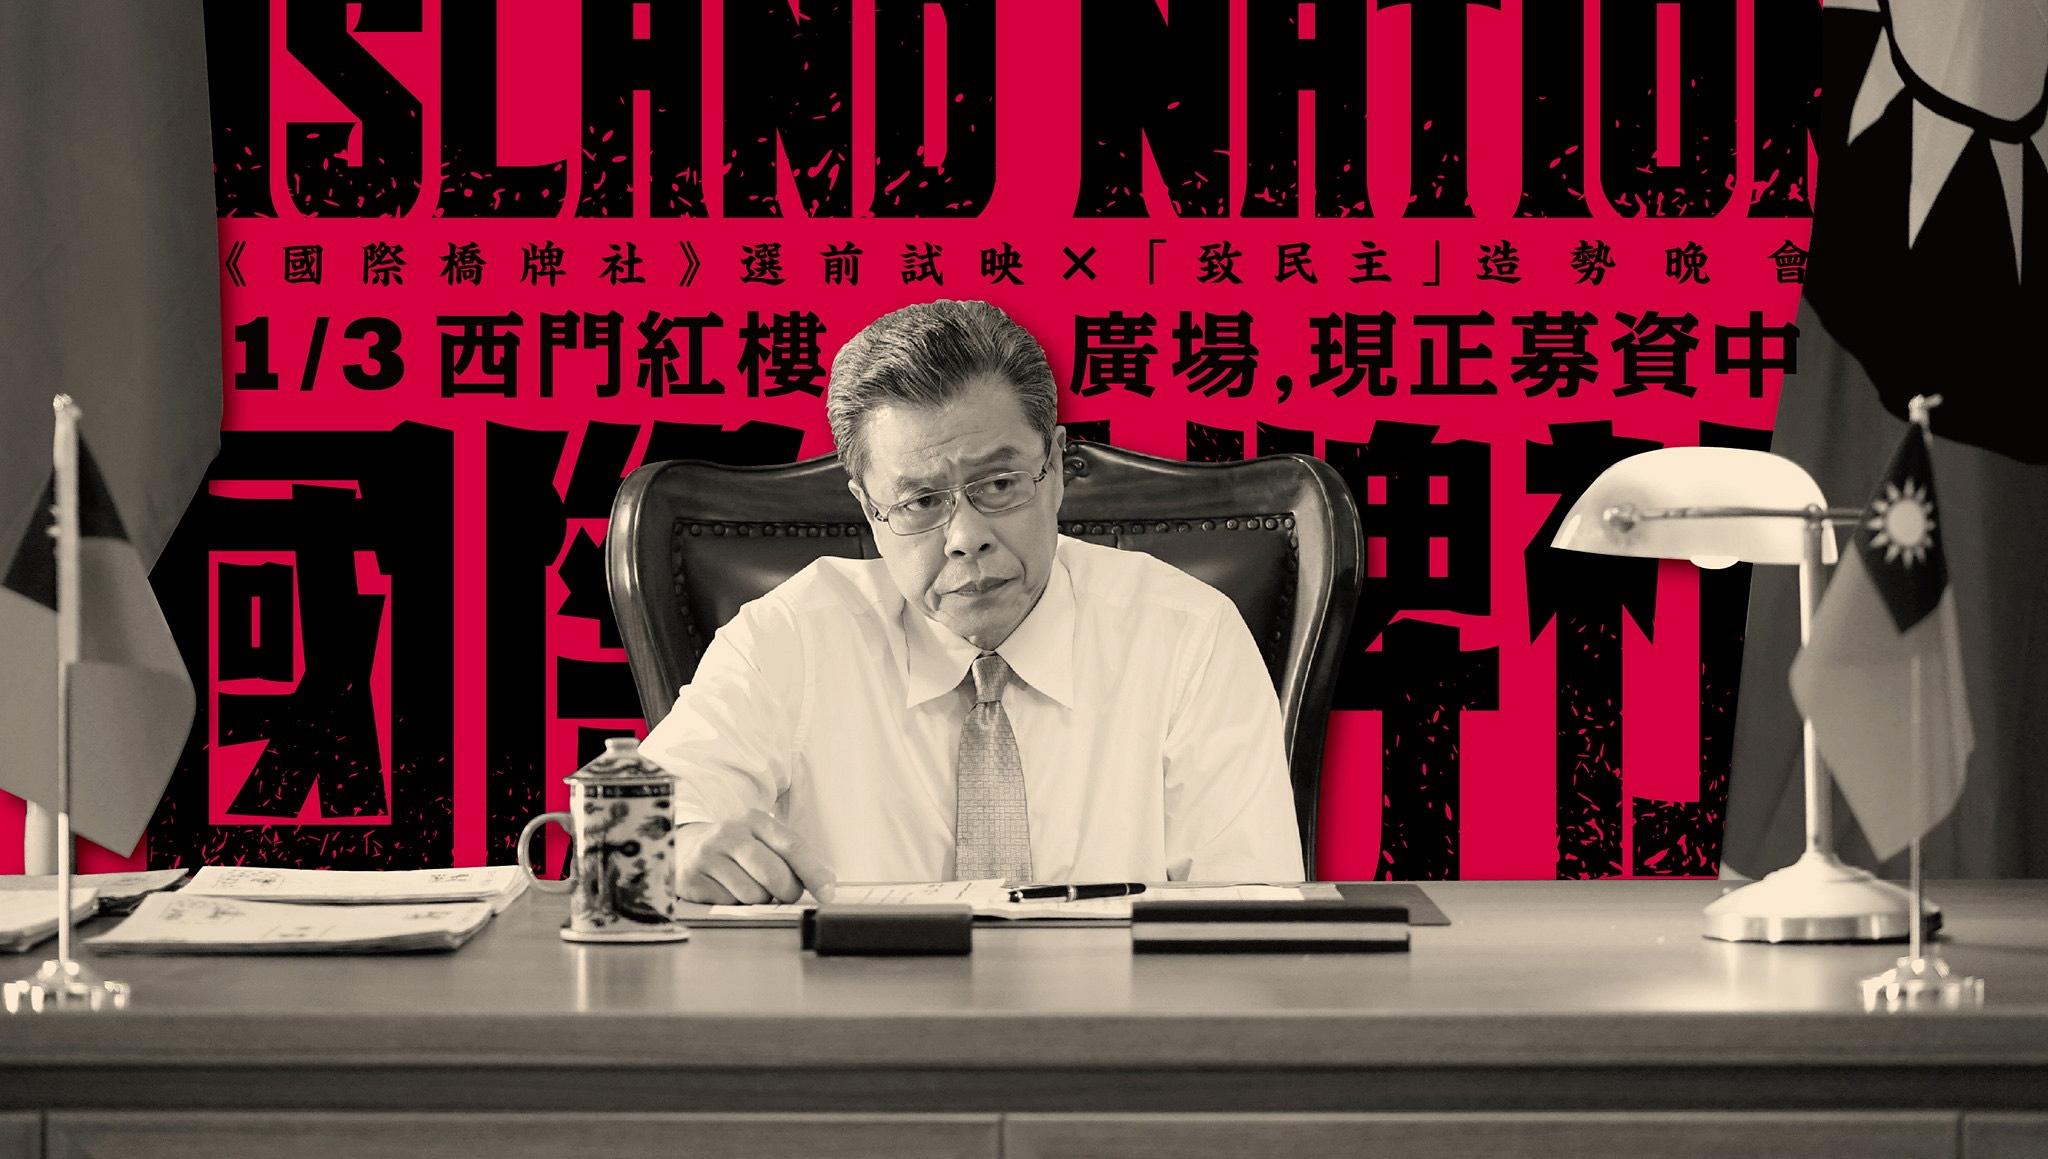 2020年播出的台灣政治劇集《国际桥牌社》